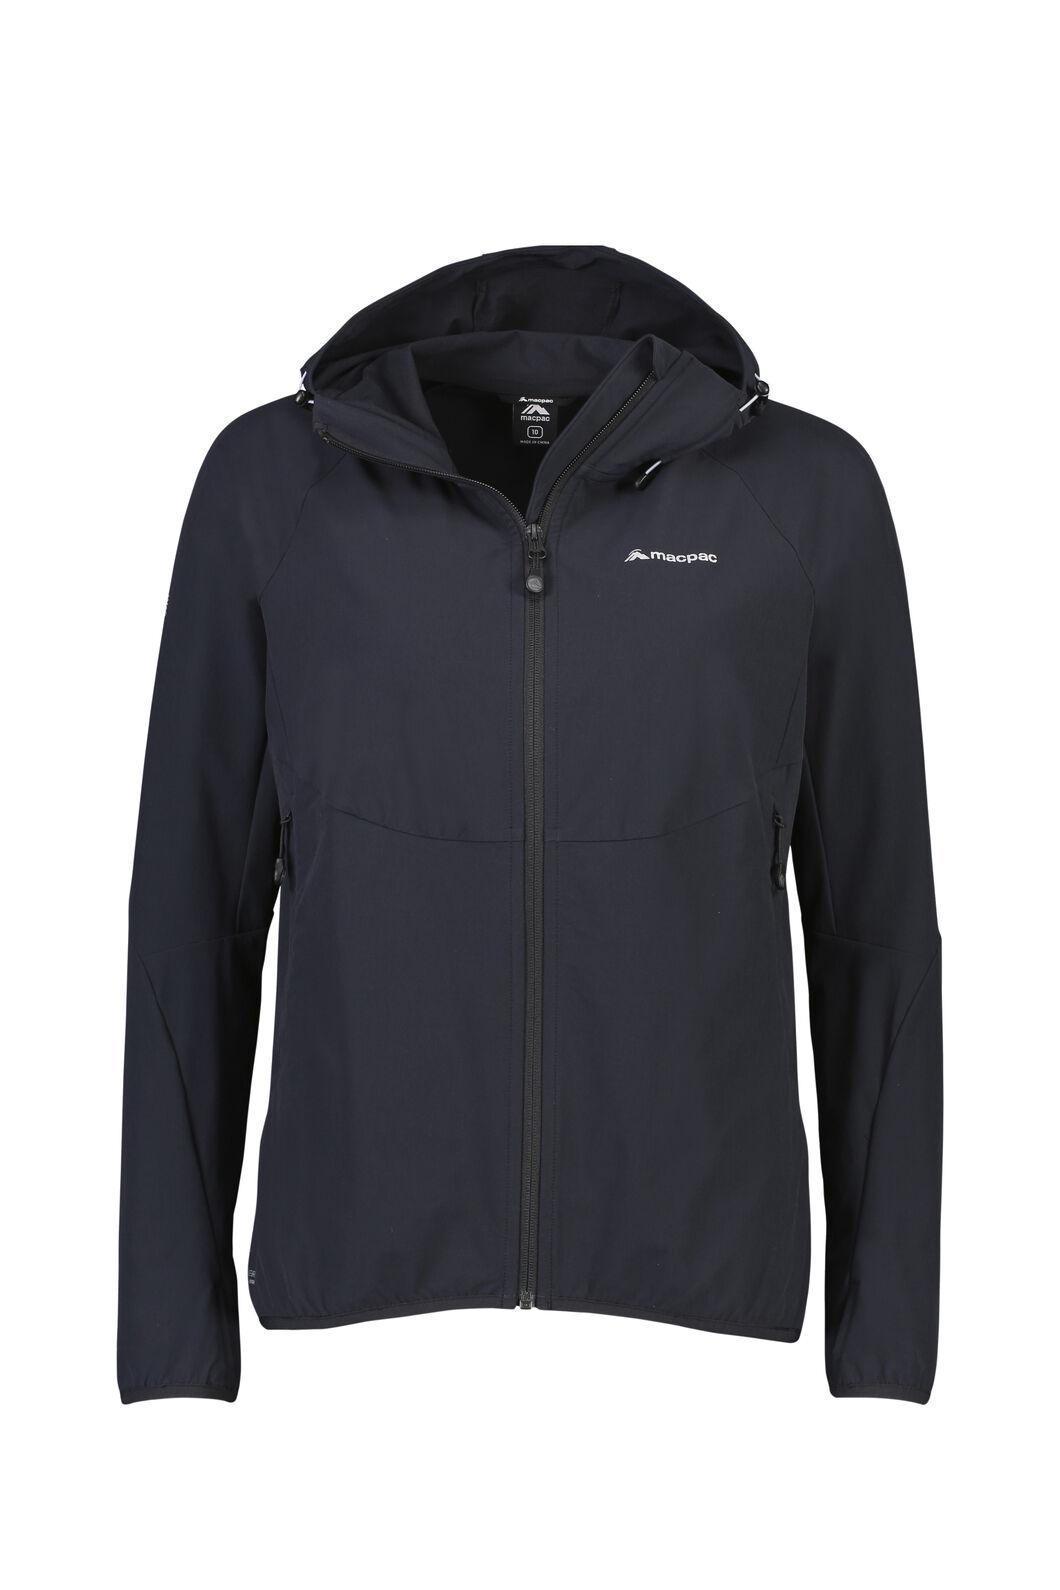 Macpac Mannering Hooded Jacket - Women's, Black, hi-res